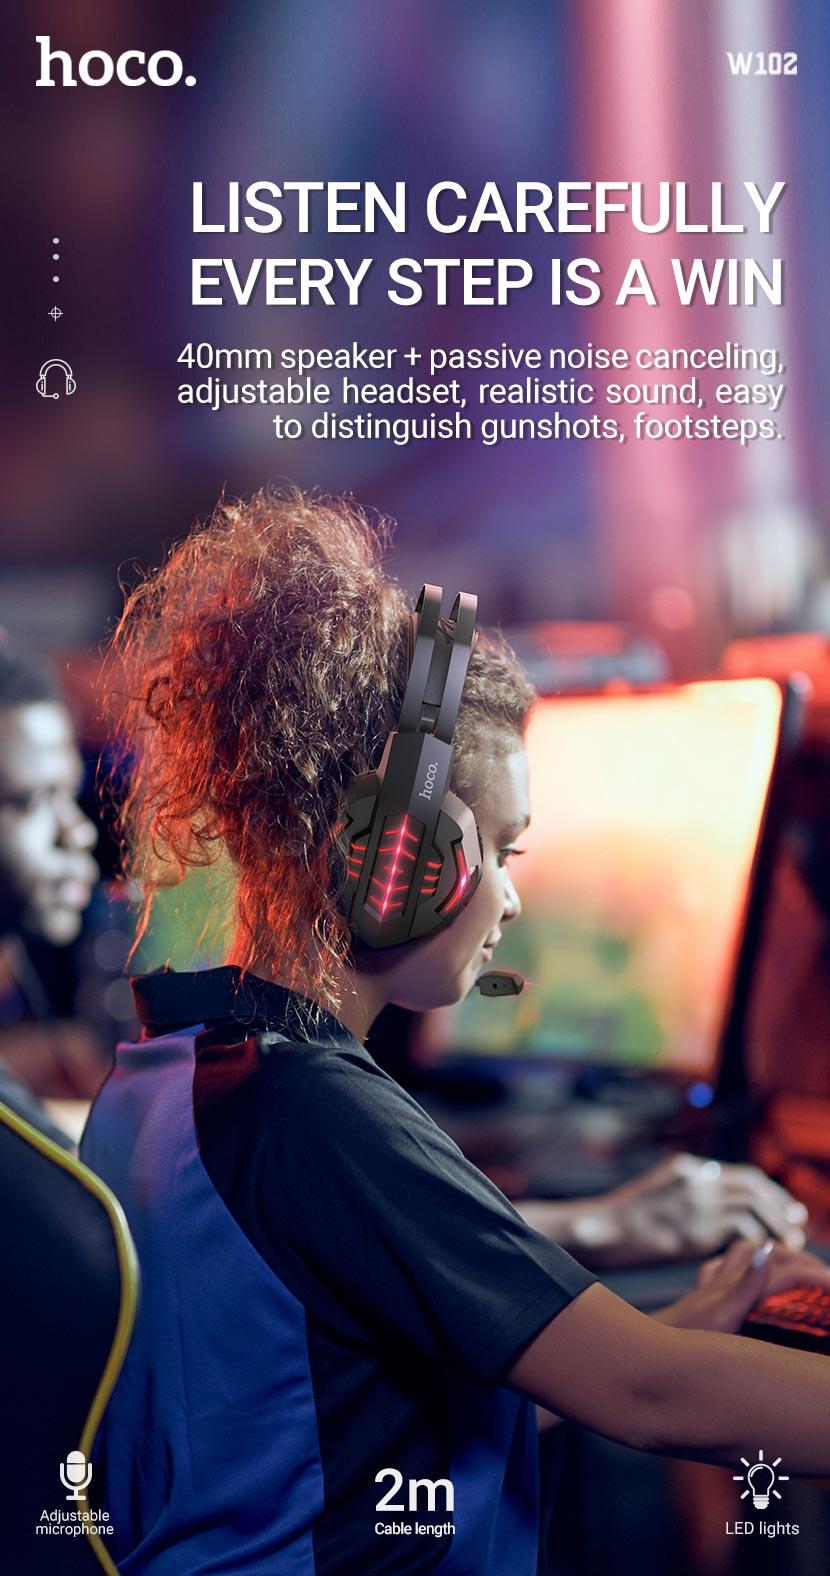 hoco news w102 cool tour gaming headphones win en